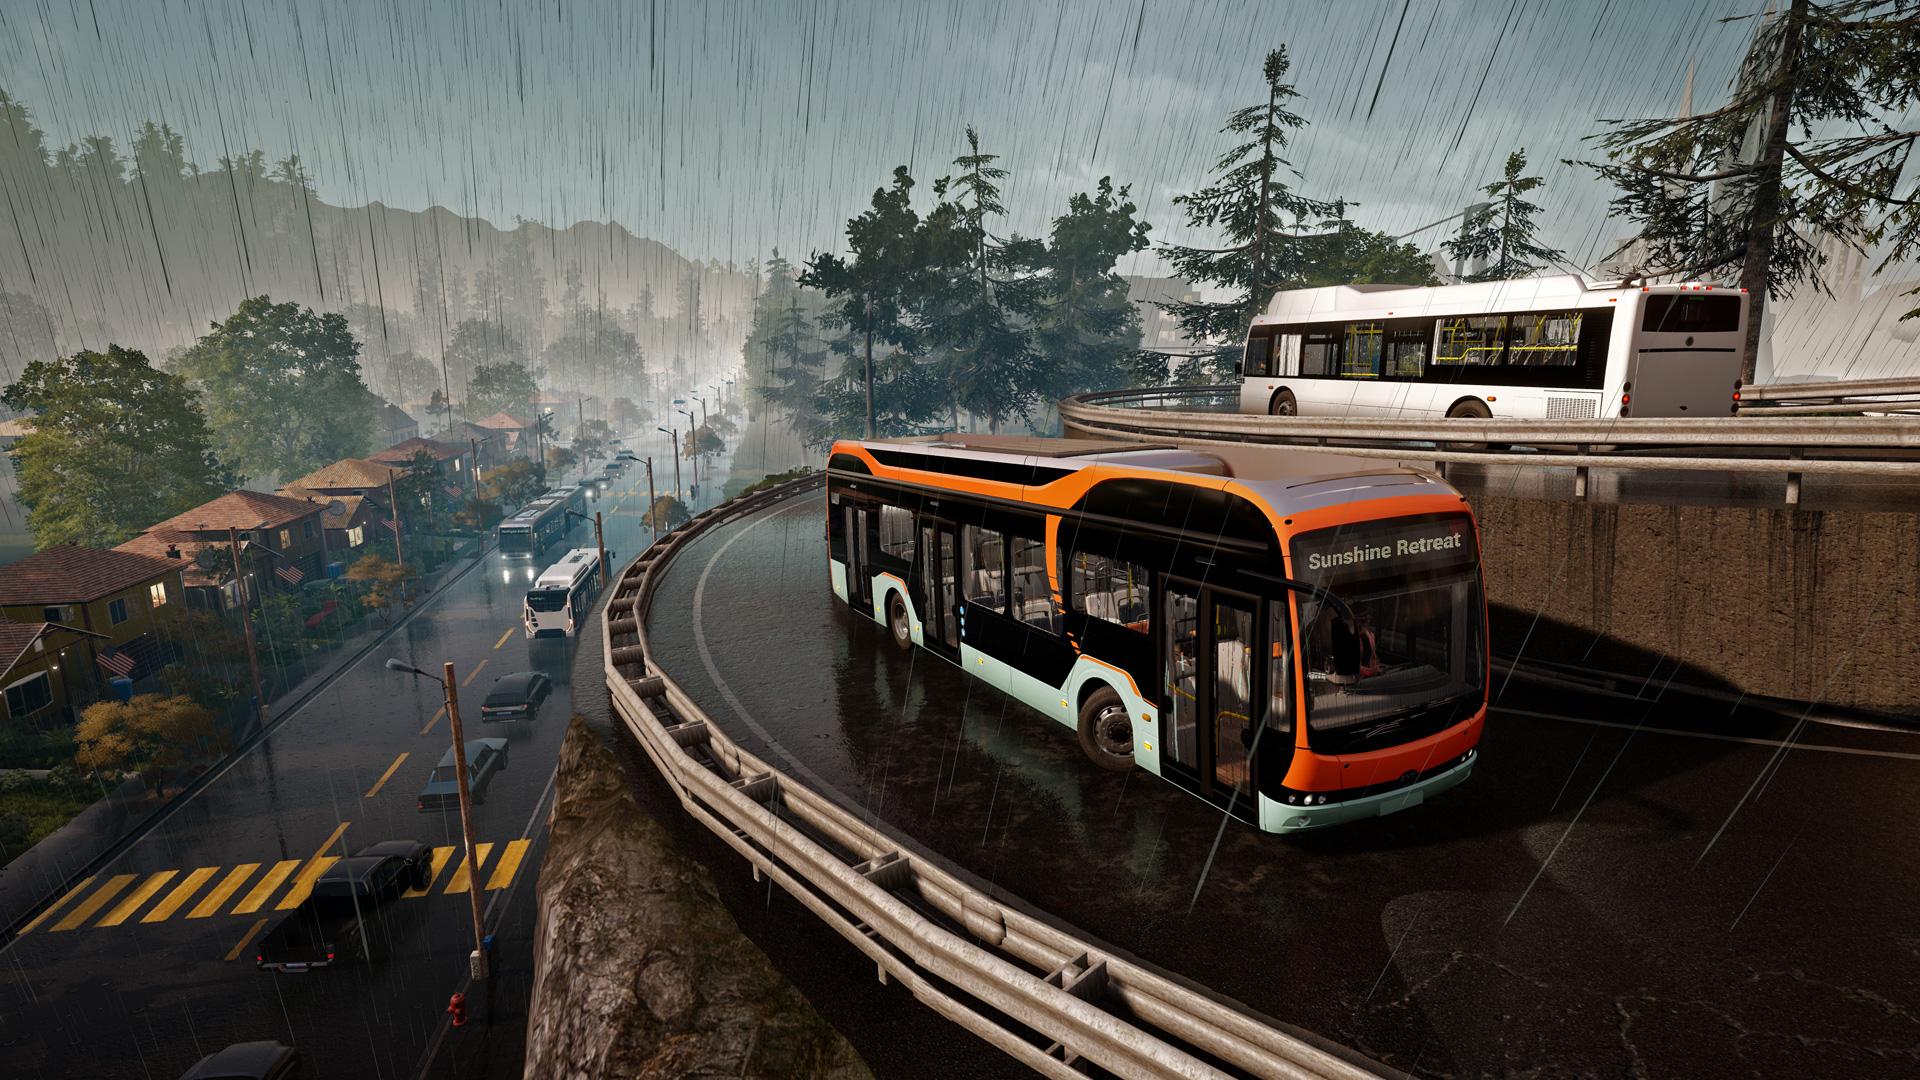 Ein Bus fährt durch den Regen im Spiel Bus Simulator 21